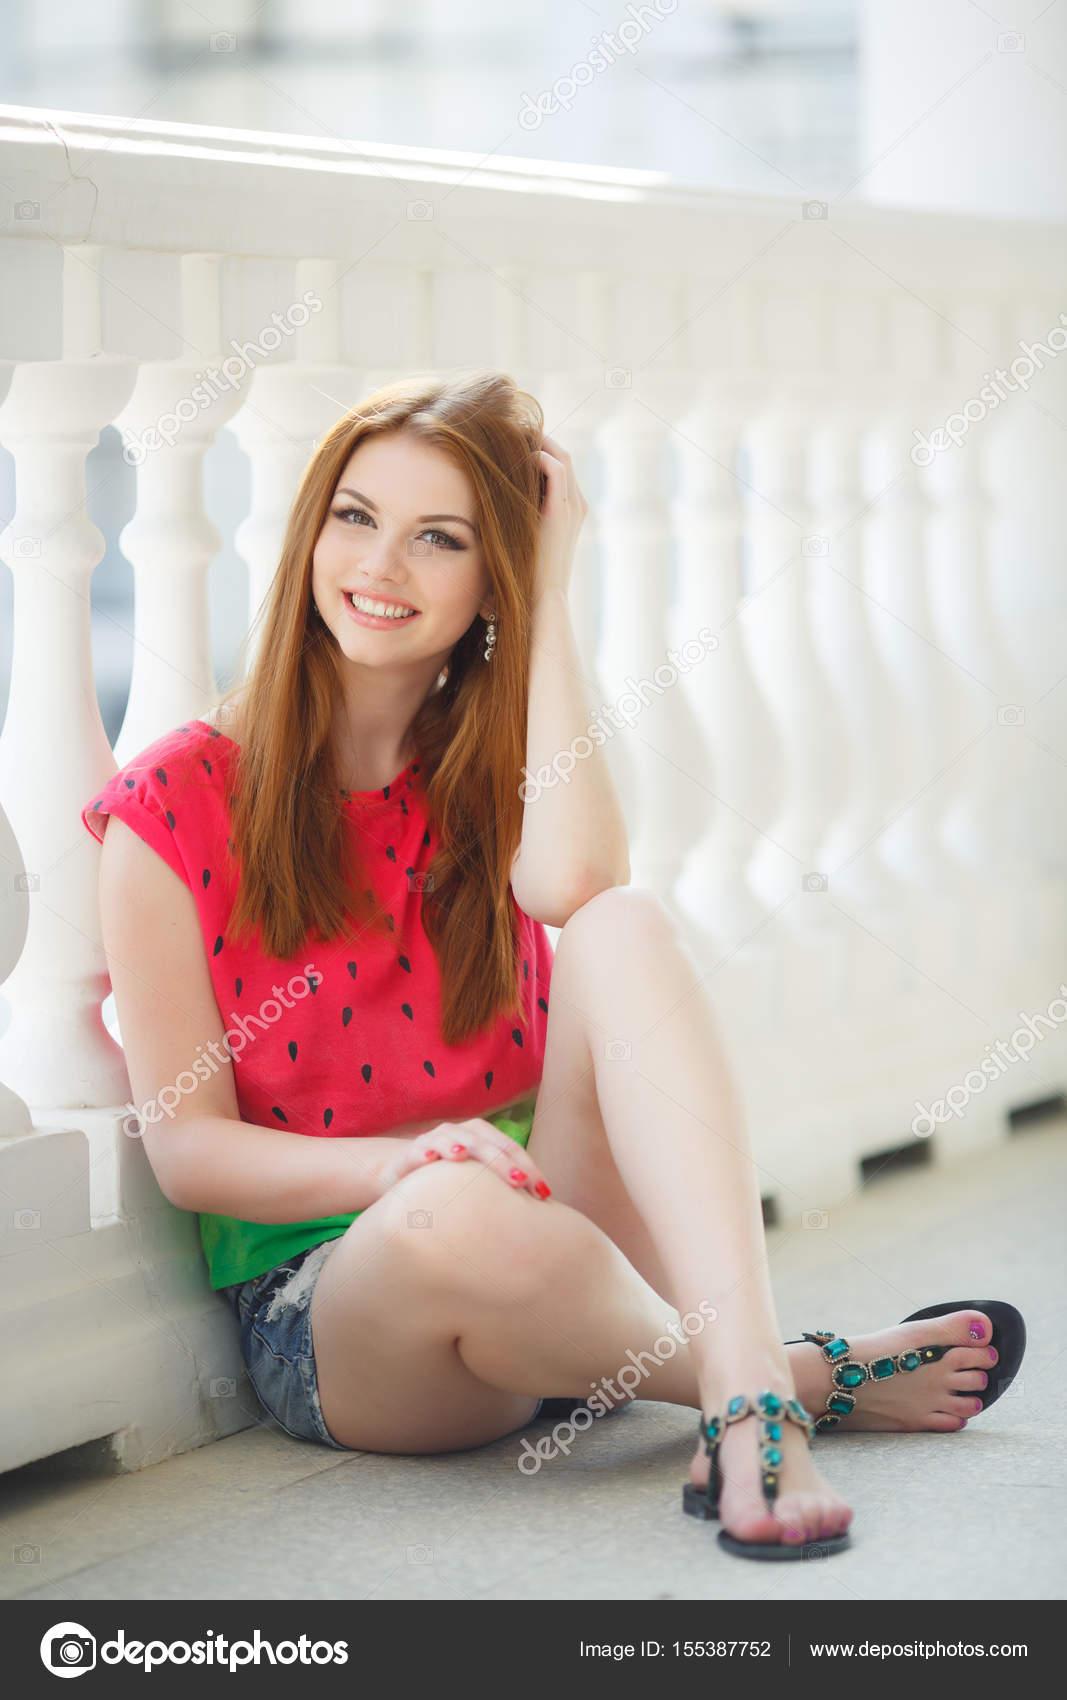 Plump redhead posing